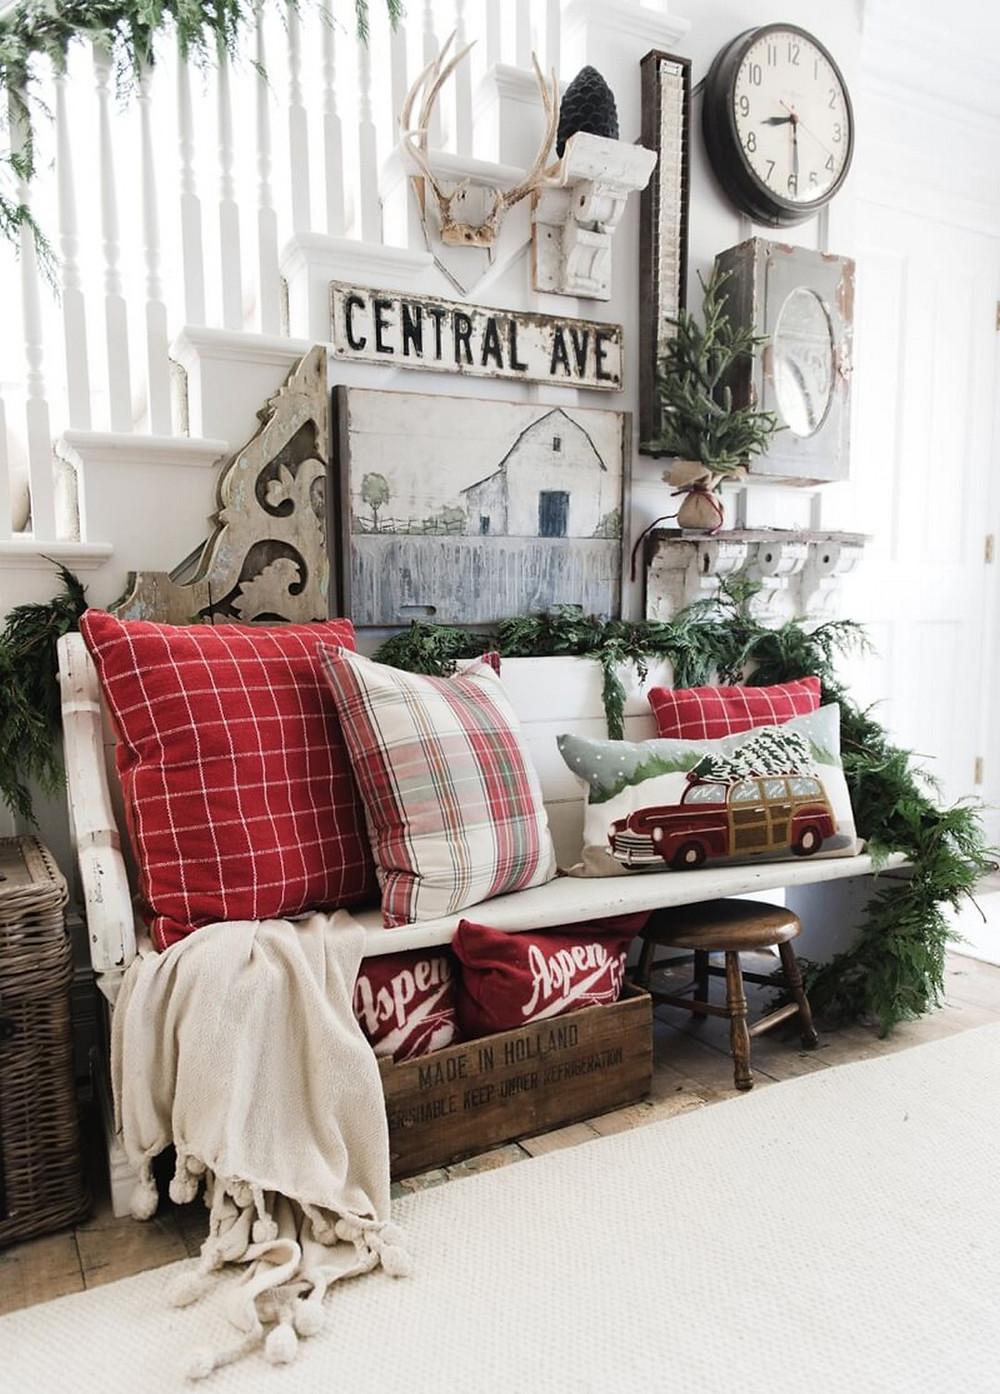 Quà Noel cho bạn gái - bộ chăn gối xách tay